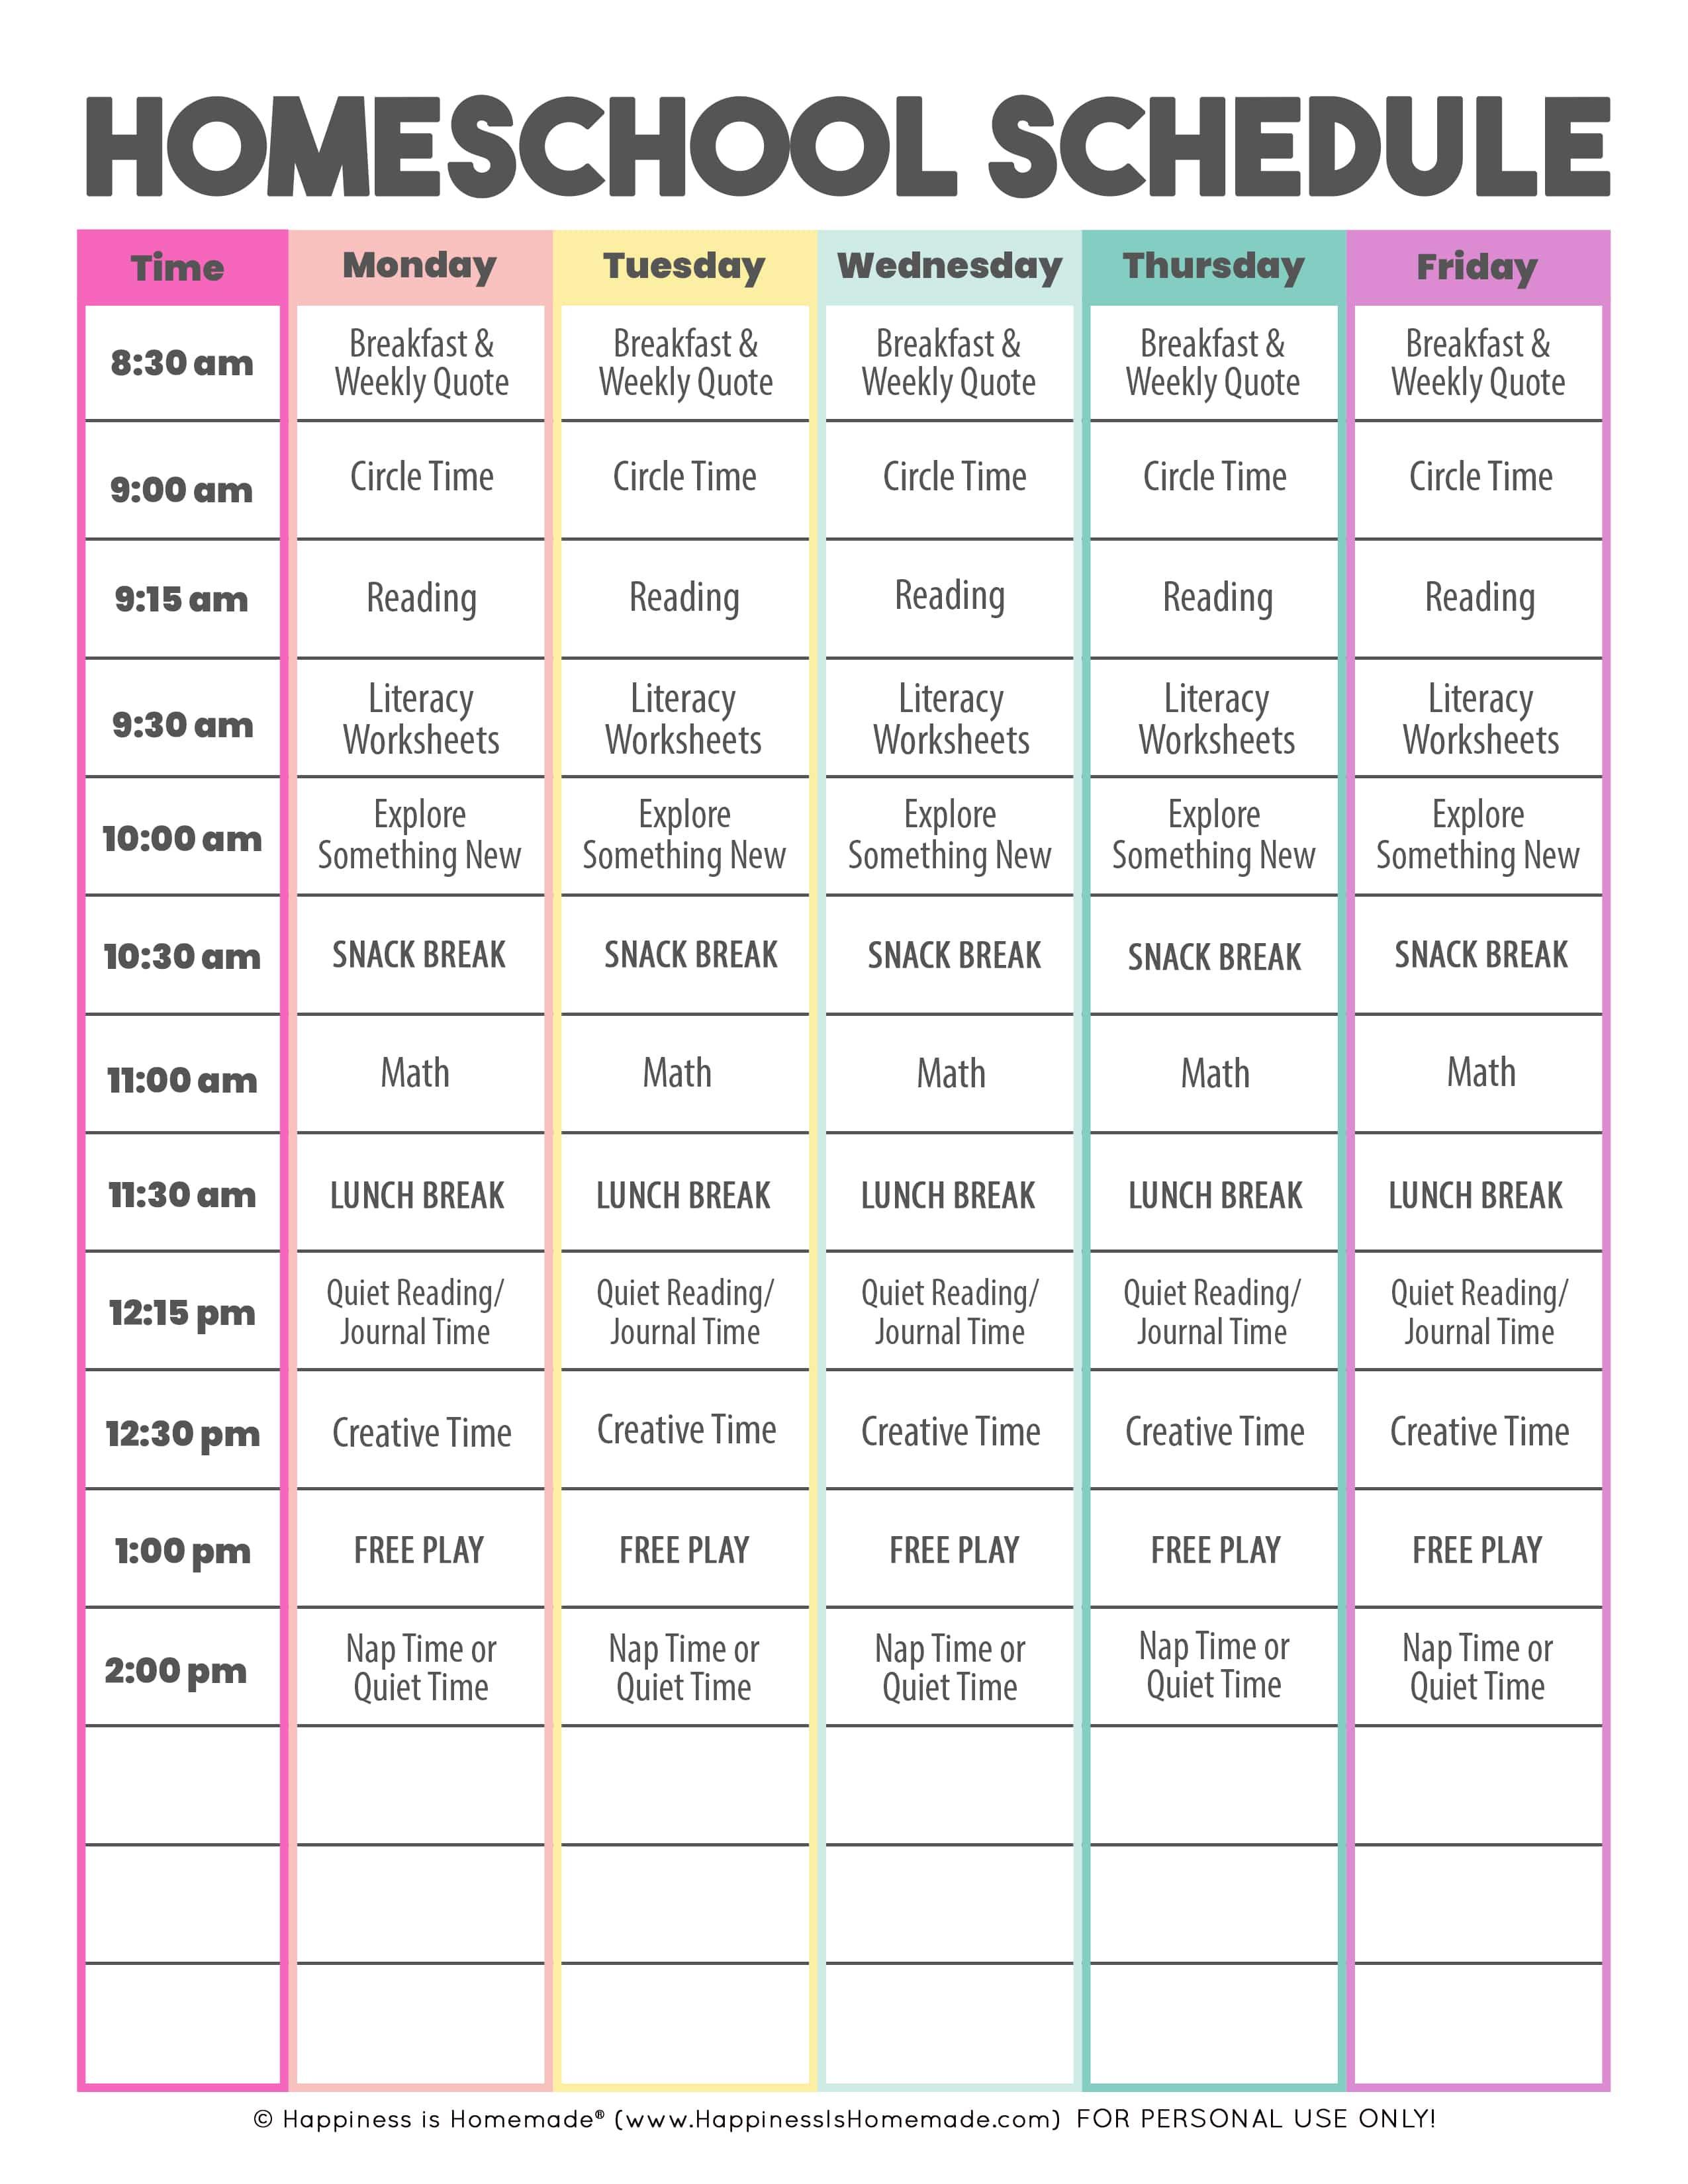 Sample kindergarten homeschool schedule - daily and weekly